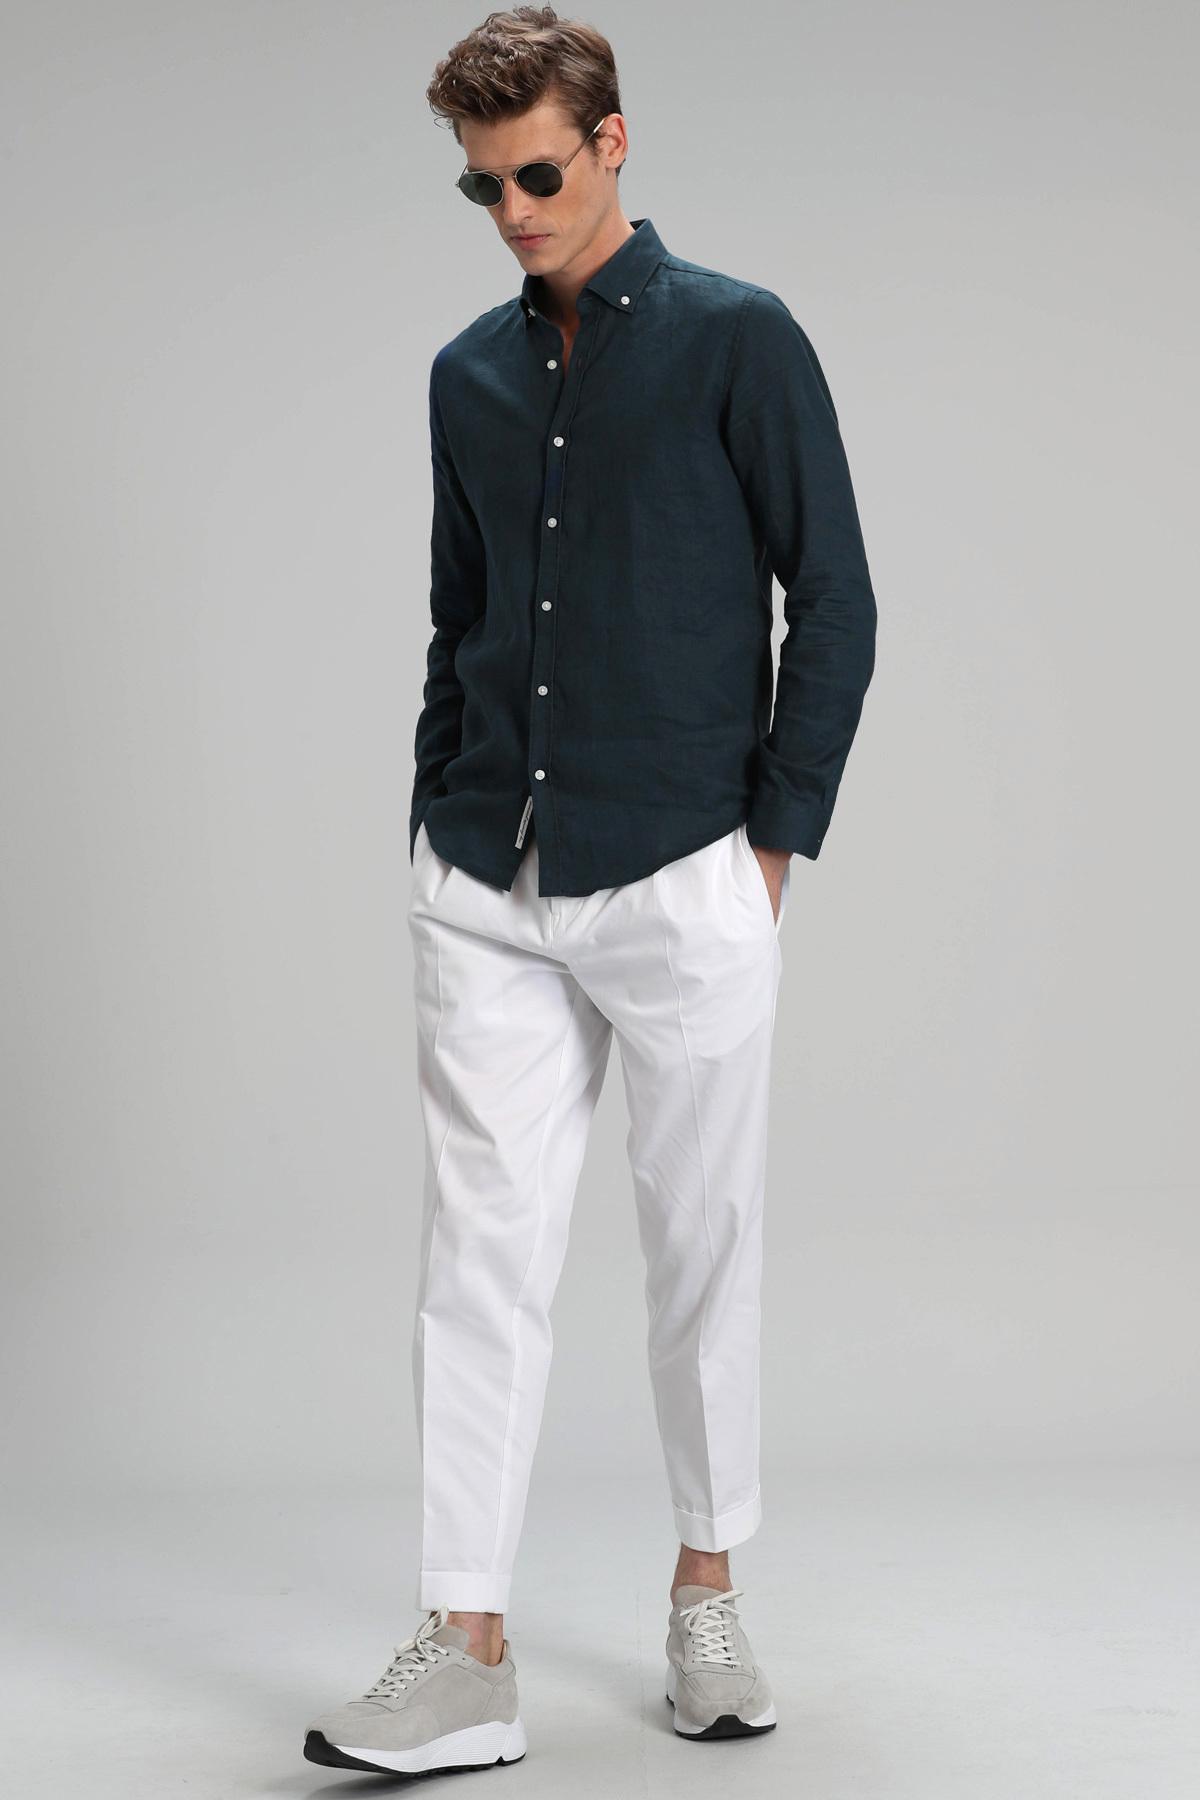 Pitaya Erkek Keten Gömlek Comfort Fit Açık Lacivert